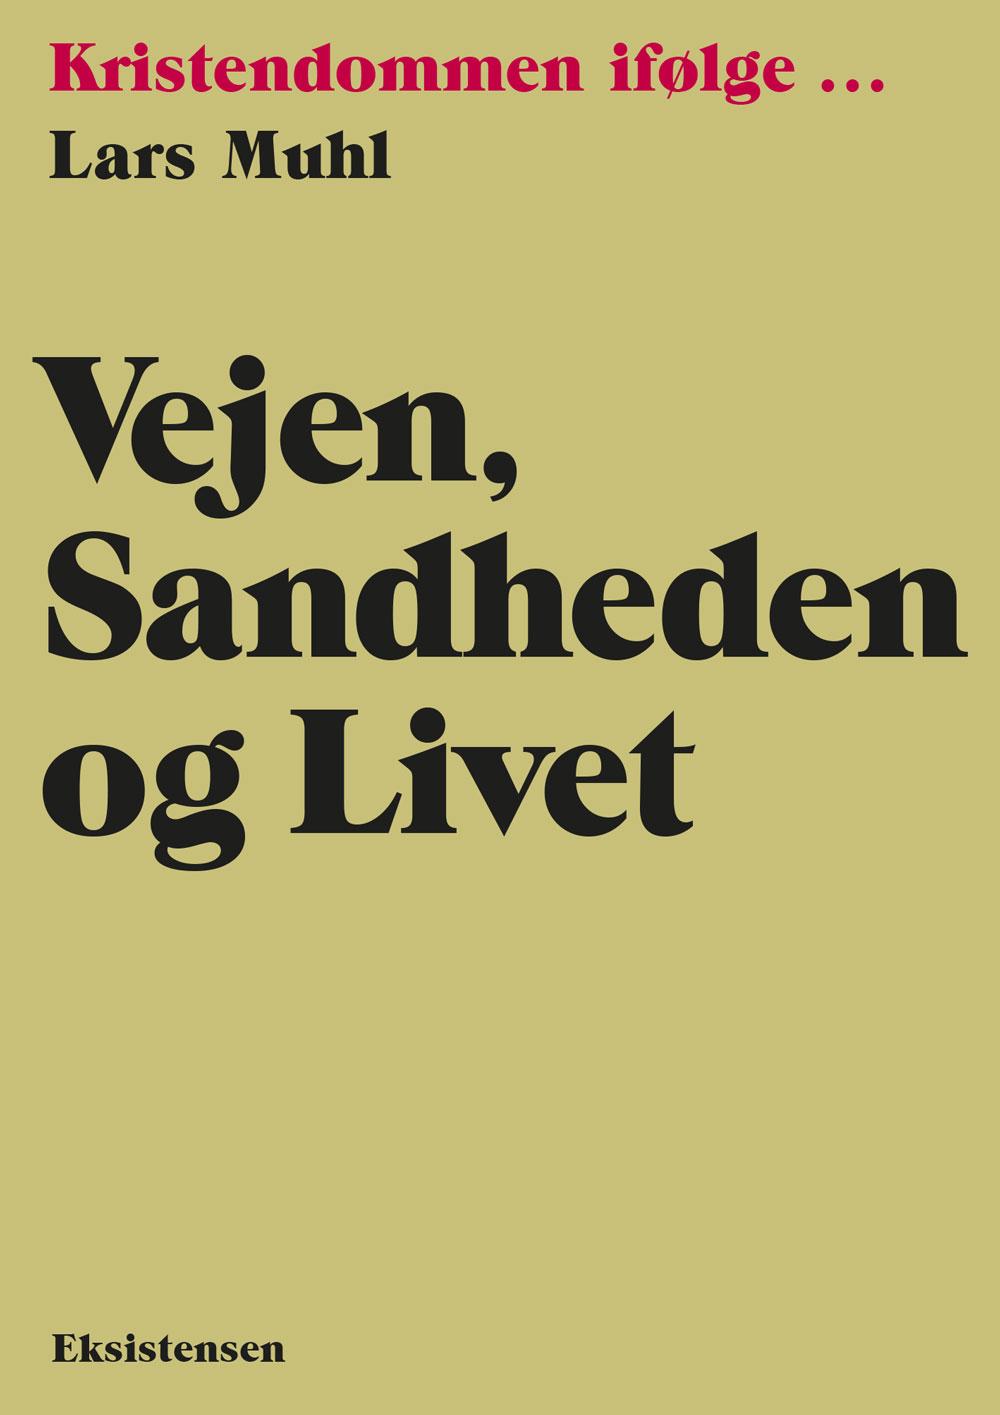 Vejen, sandheden og livet - Lars Muhl - Bøger - Eksistensen - 9788741007434 - November 3, 2020